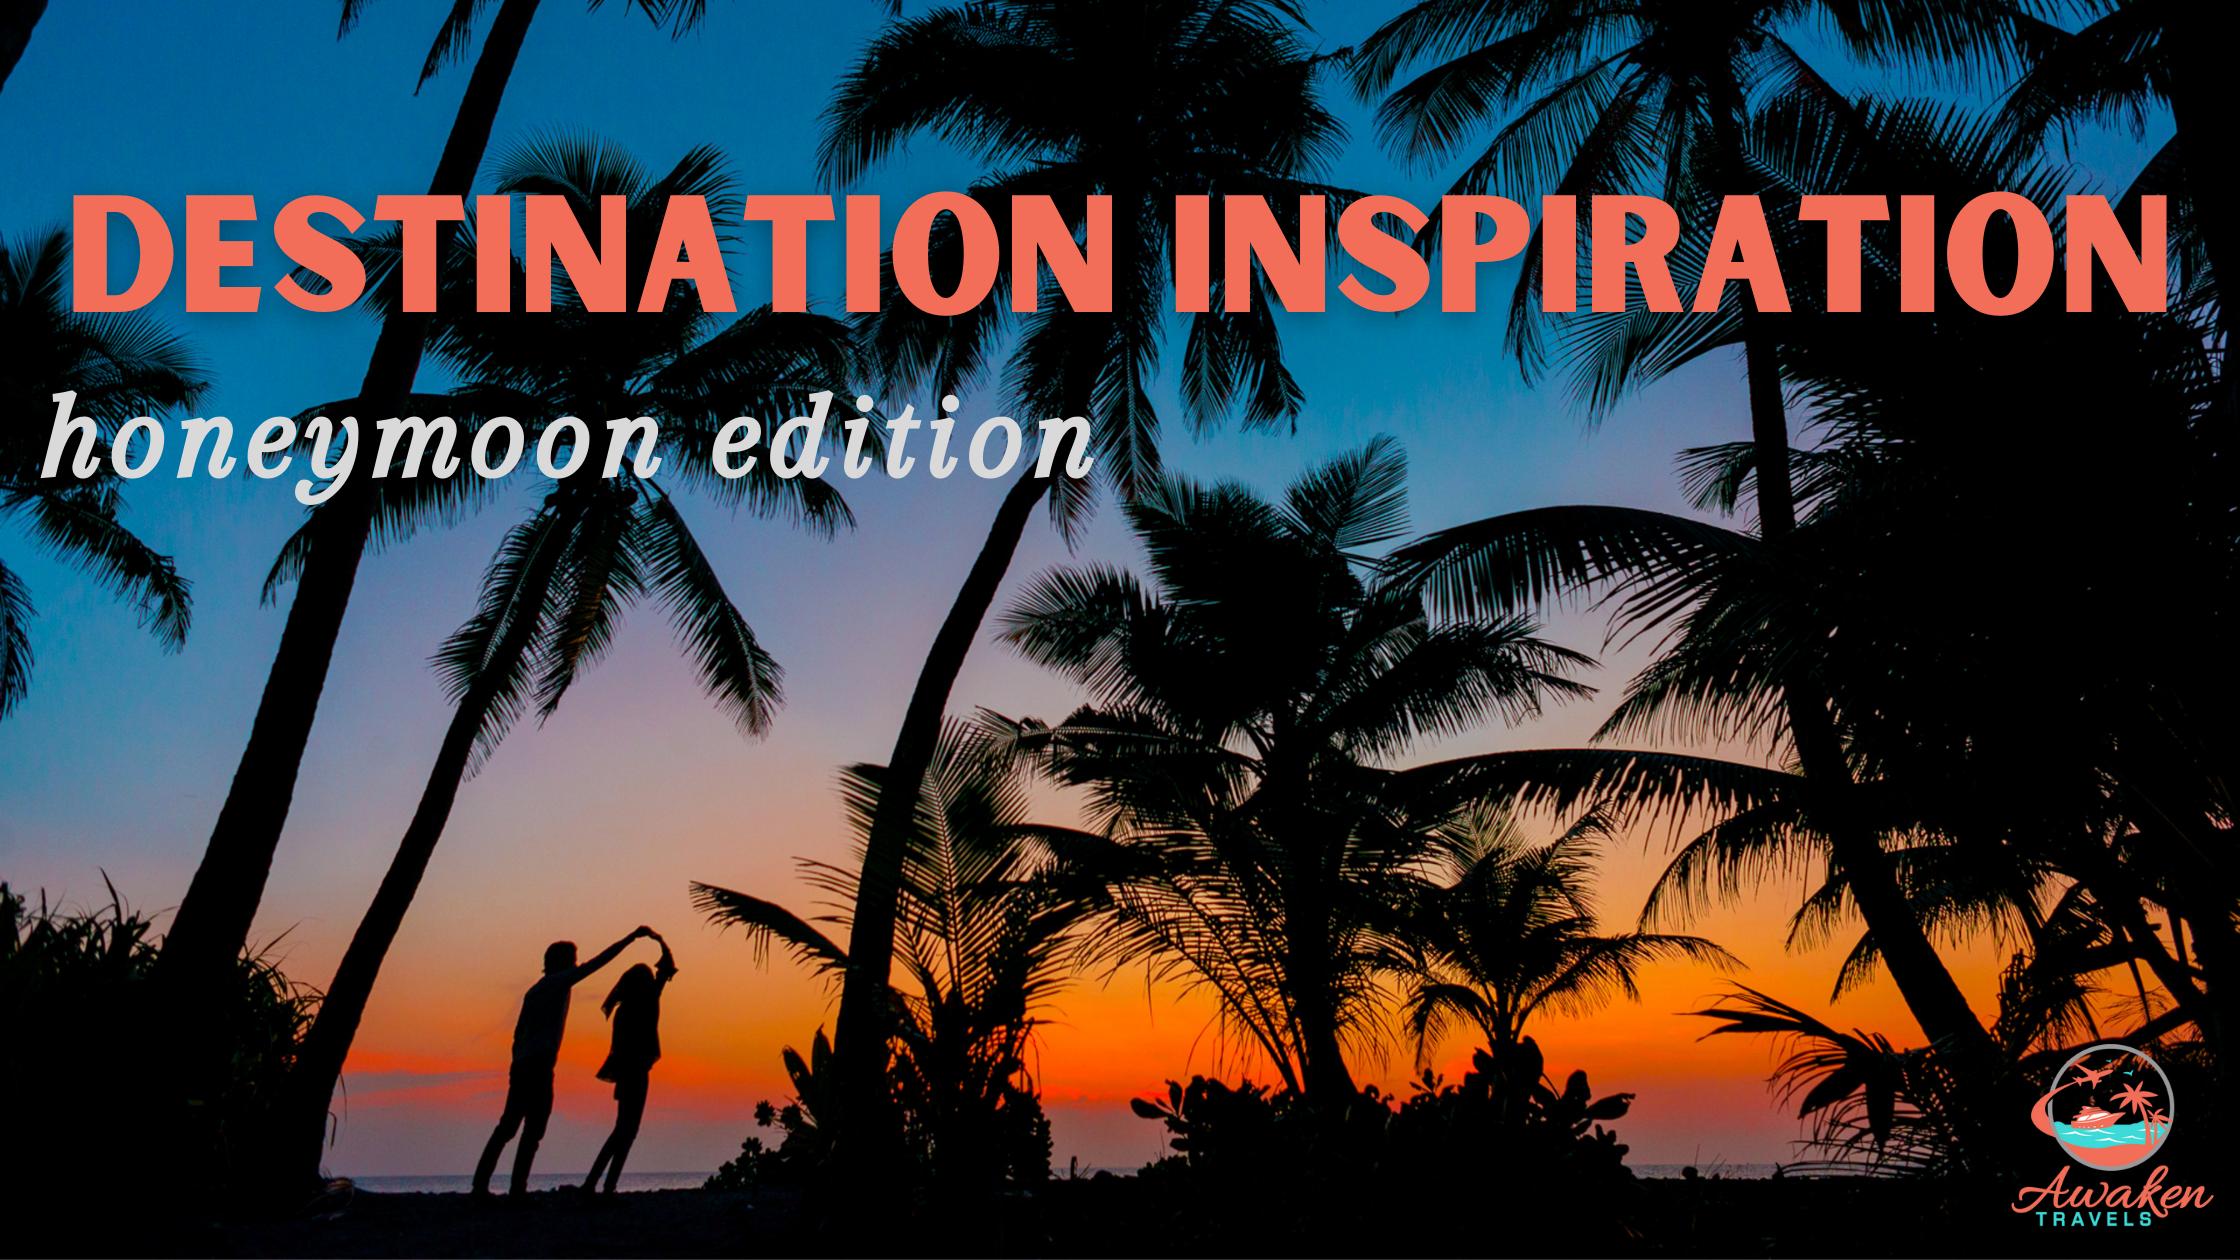 title image for unique honeymoon destinations